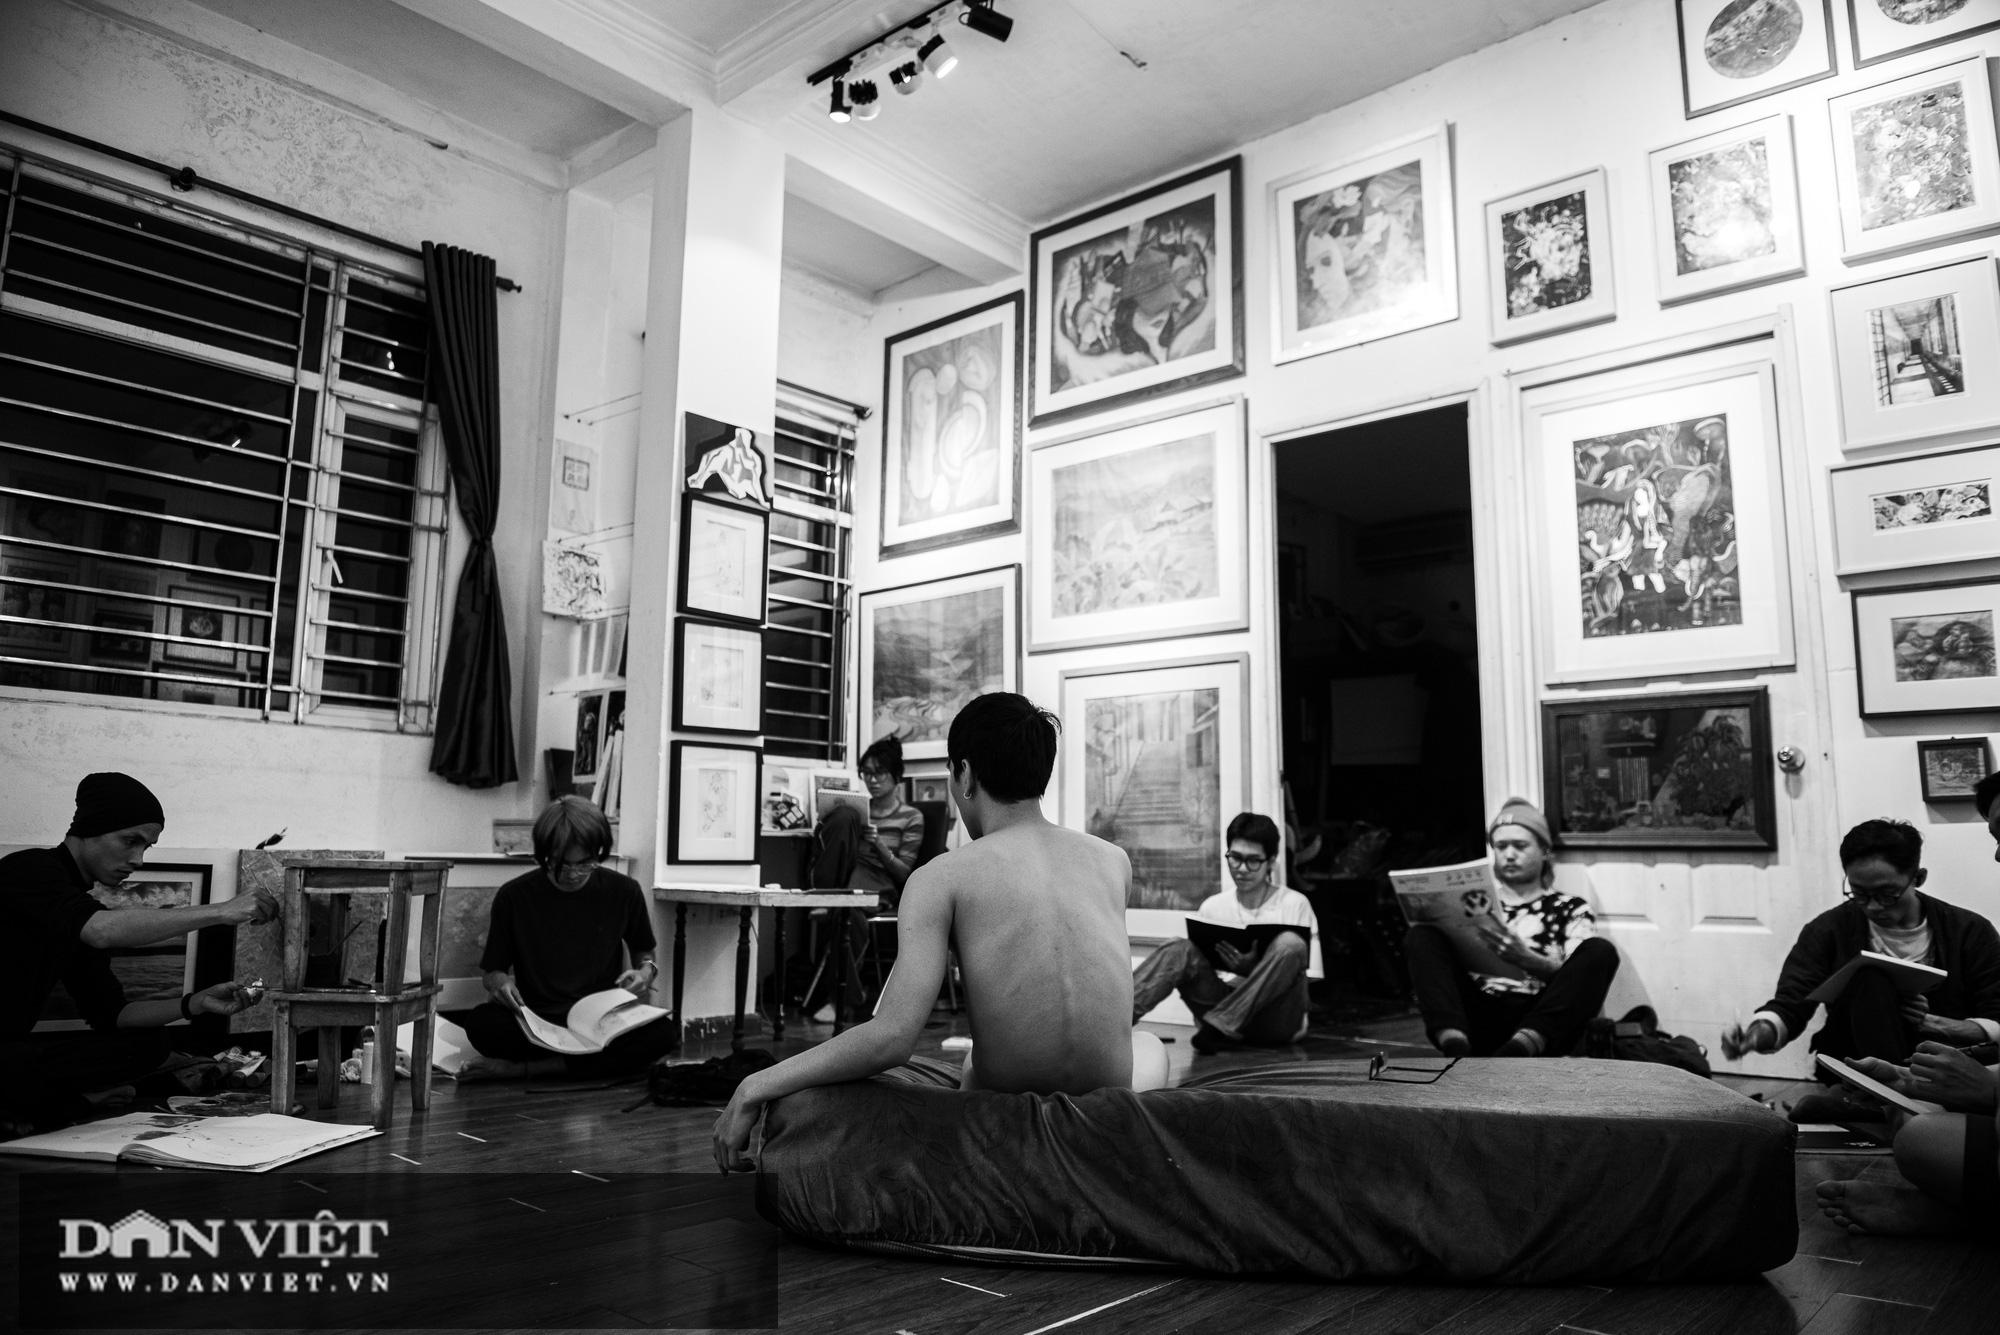 Vẽ tranh khỏa thân: Khi tình yêu nghệ thuật vượt trên nhục cảm thông thường - Ảnh 1.